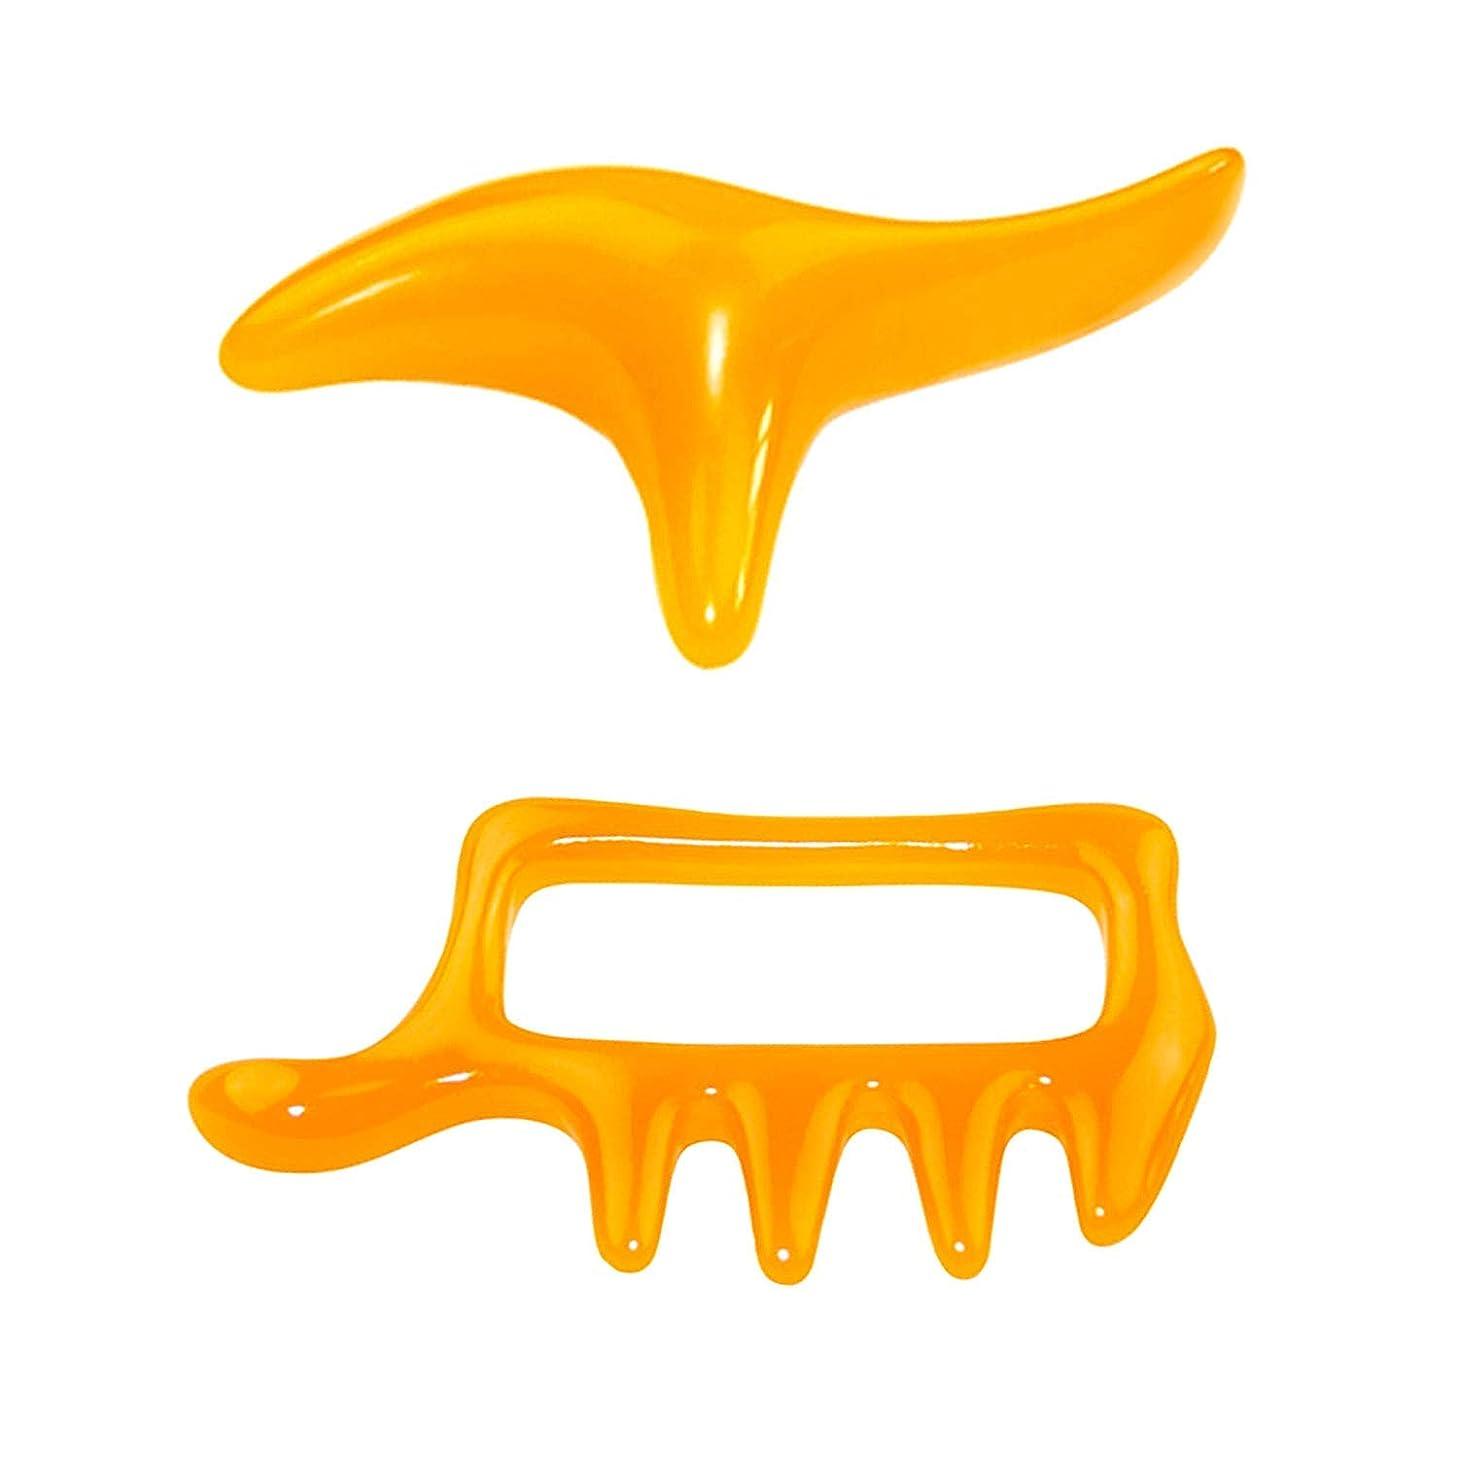 純度高める凝縮するツボ押し棒 肩/首/背中/足ツボマッサージ器具